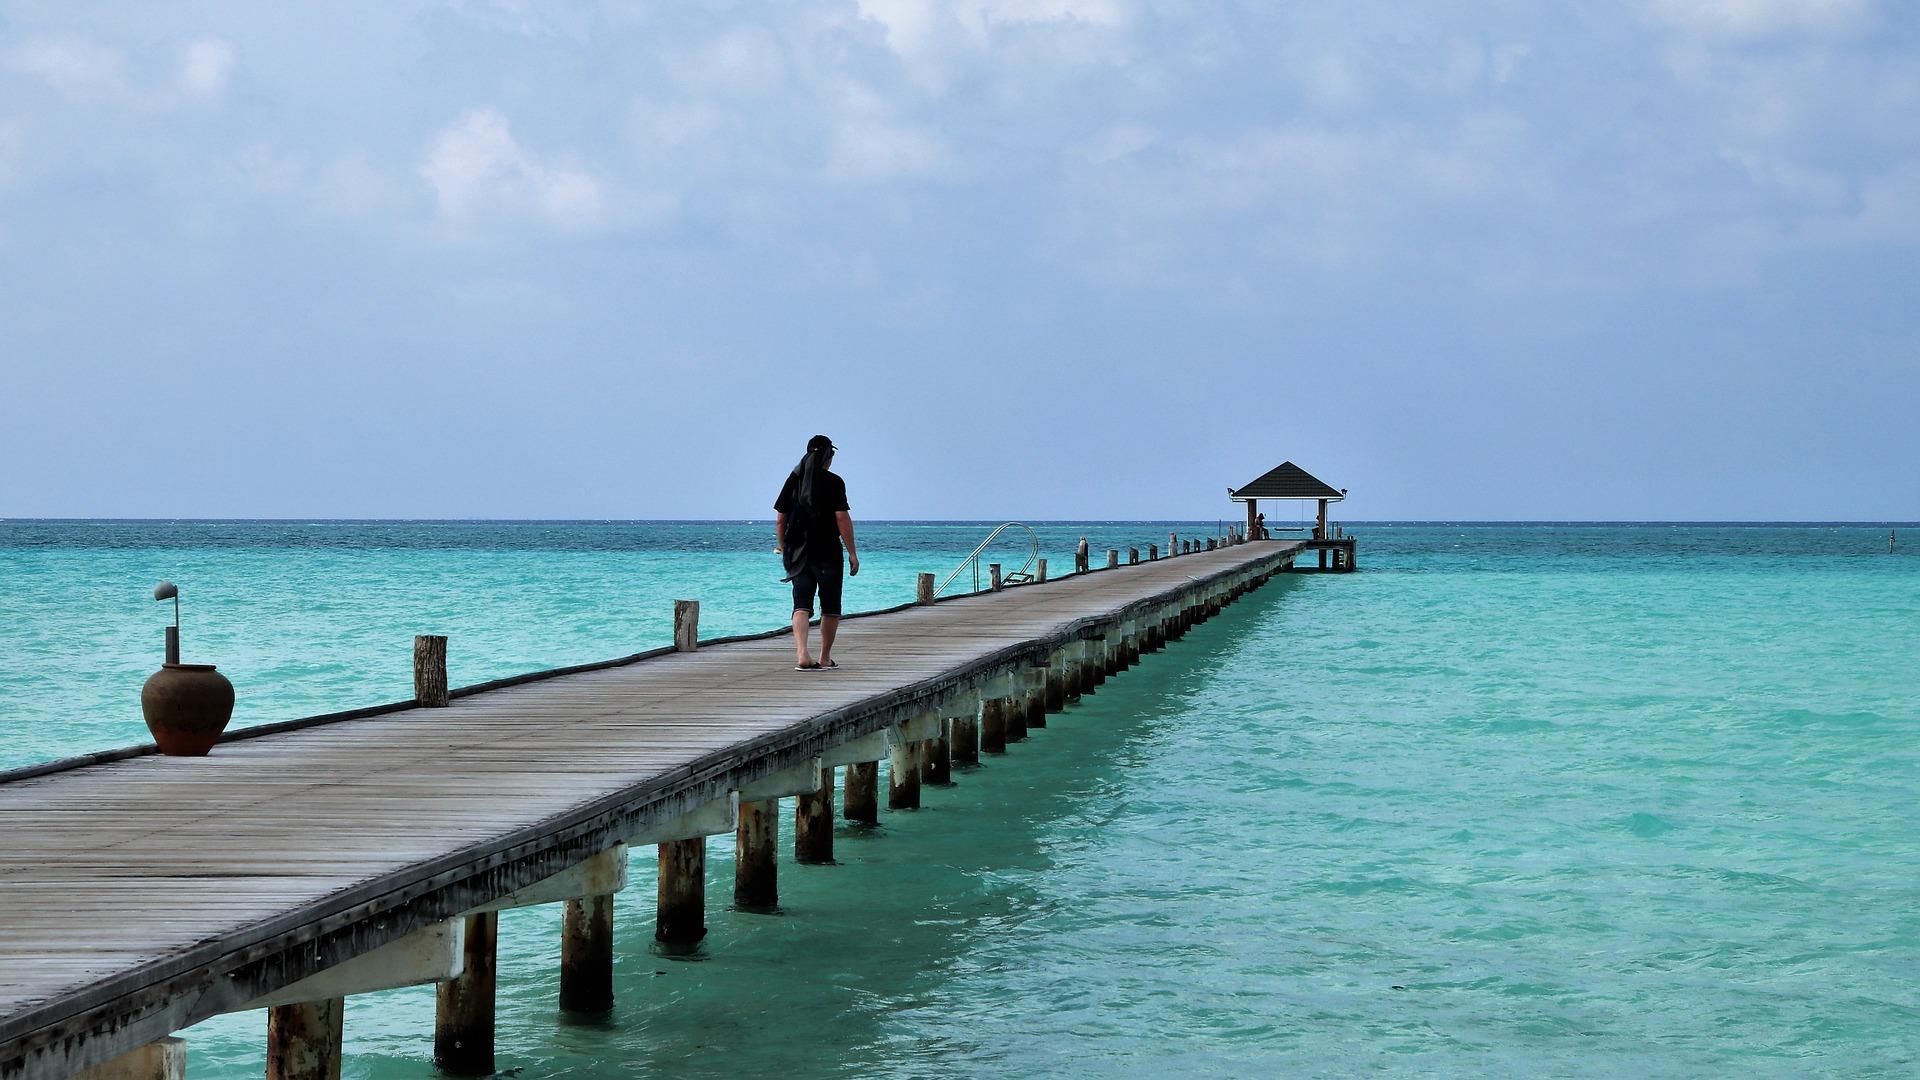 Мальдивы. Фото с сайта pixabay.com